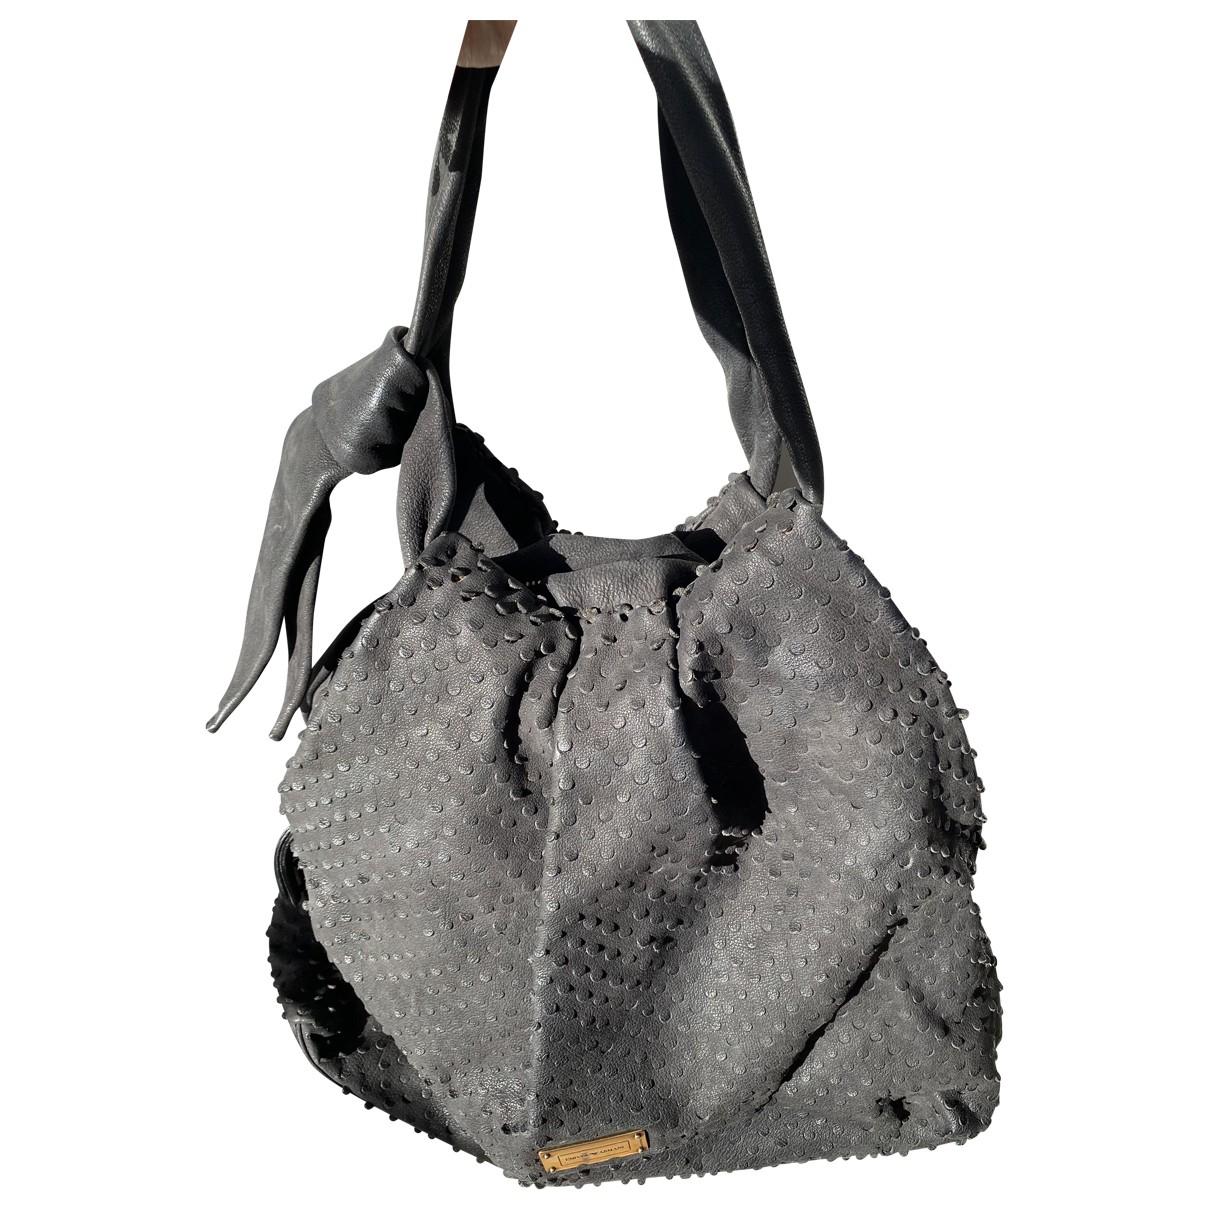 Emporio Armani \N Black Suede handbag for Women \N